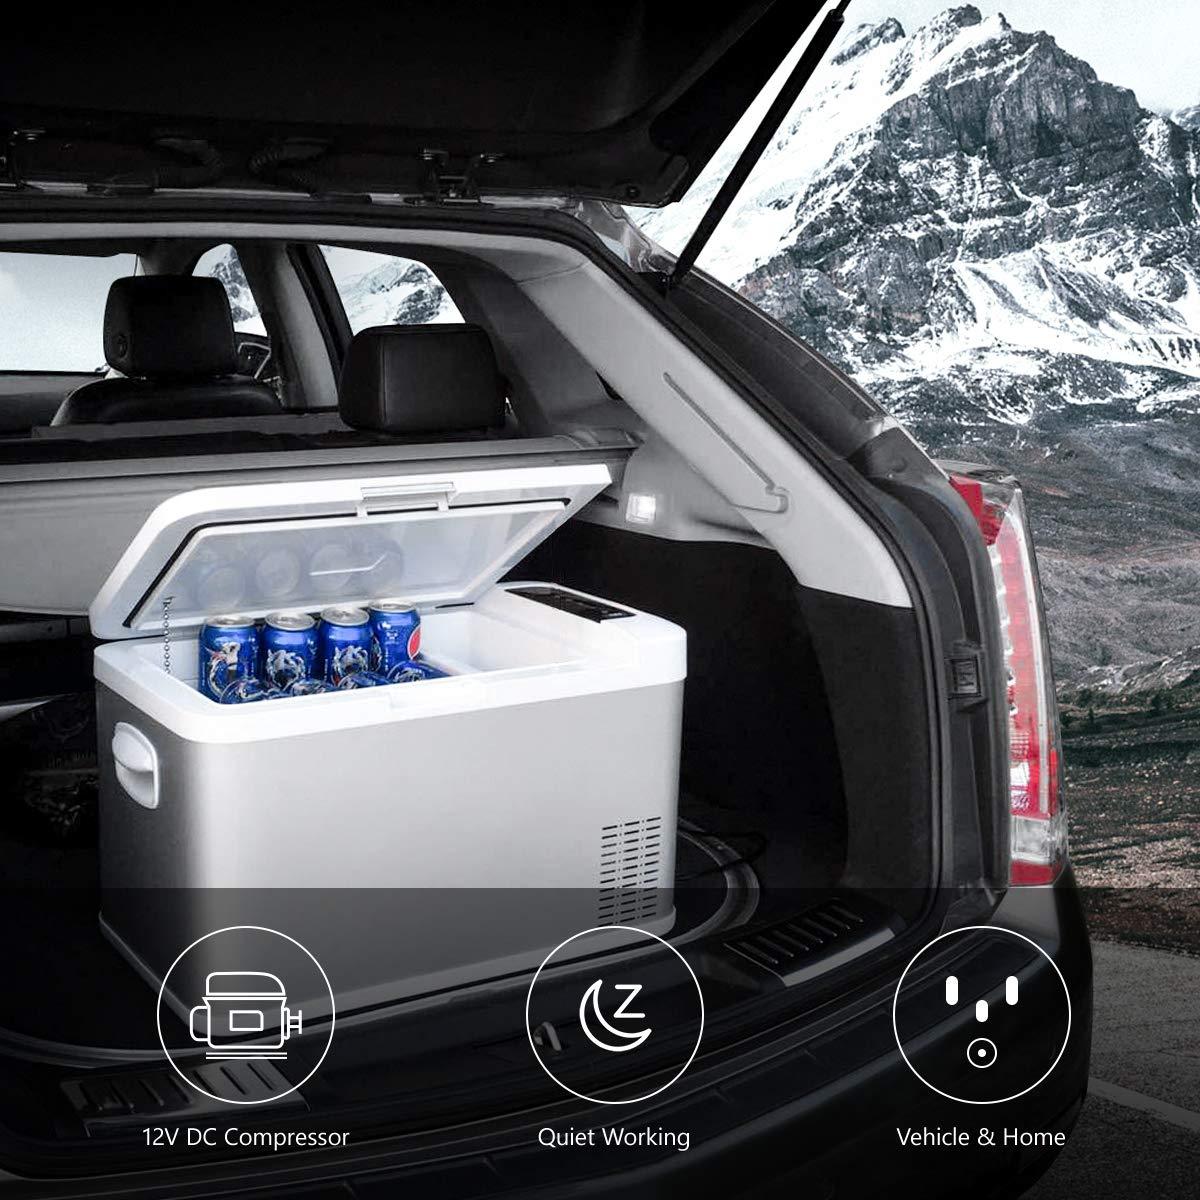 Ausranvik 26-Quart Portable Fridge Car Refrigerator Car Fridge Car Freezer -4°F ~ 68°F - 12V/24V DC by Ausranvik (Image #2)